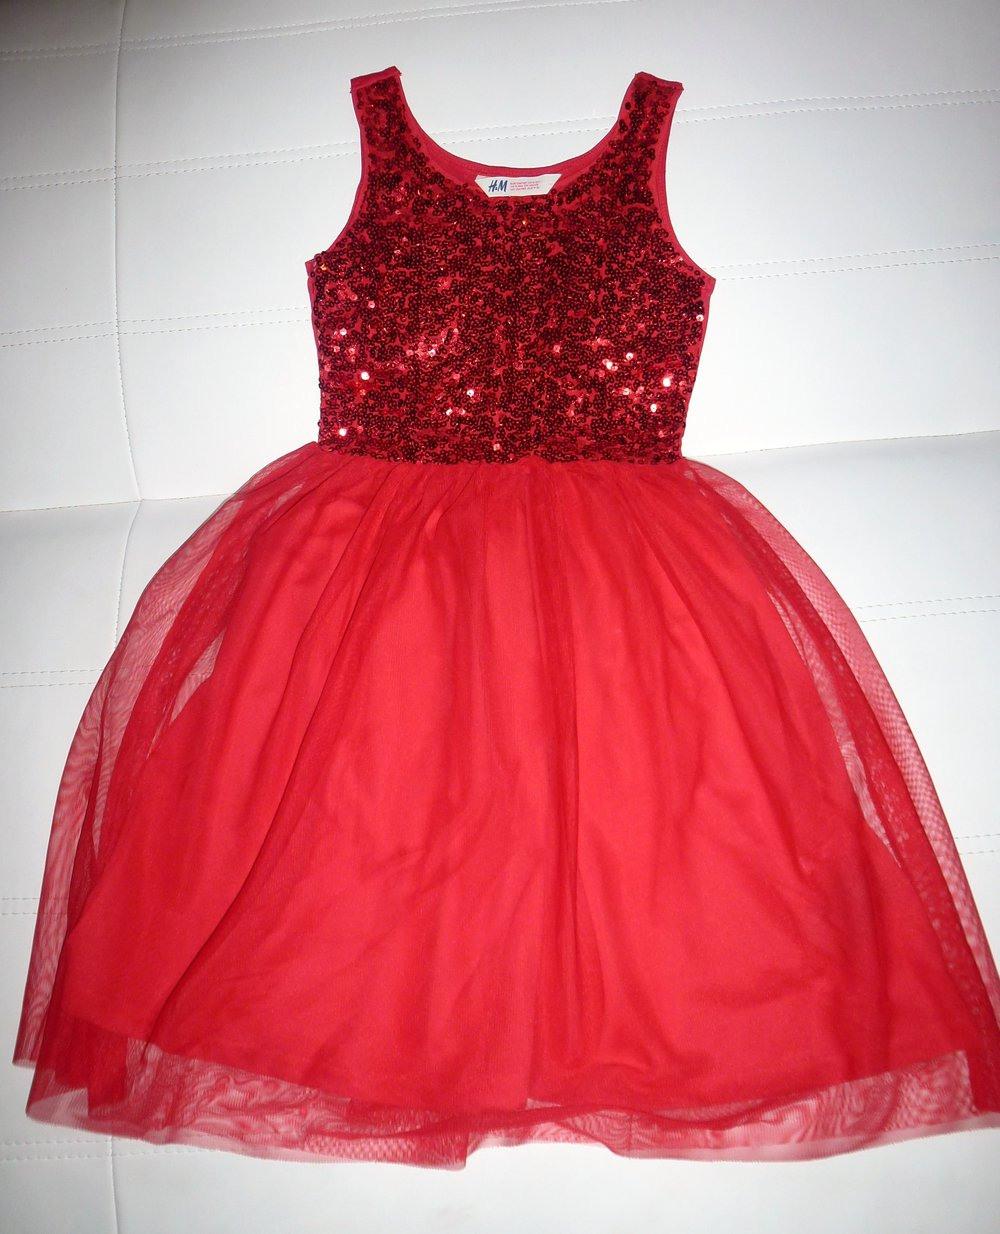 Mädchenkleid In Gr 134/140 Von Hm  Kleiderkorbde